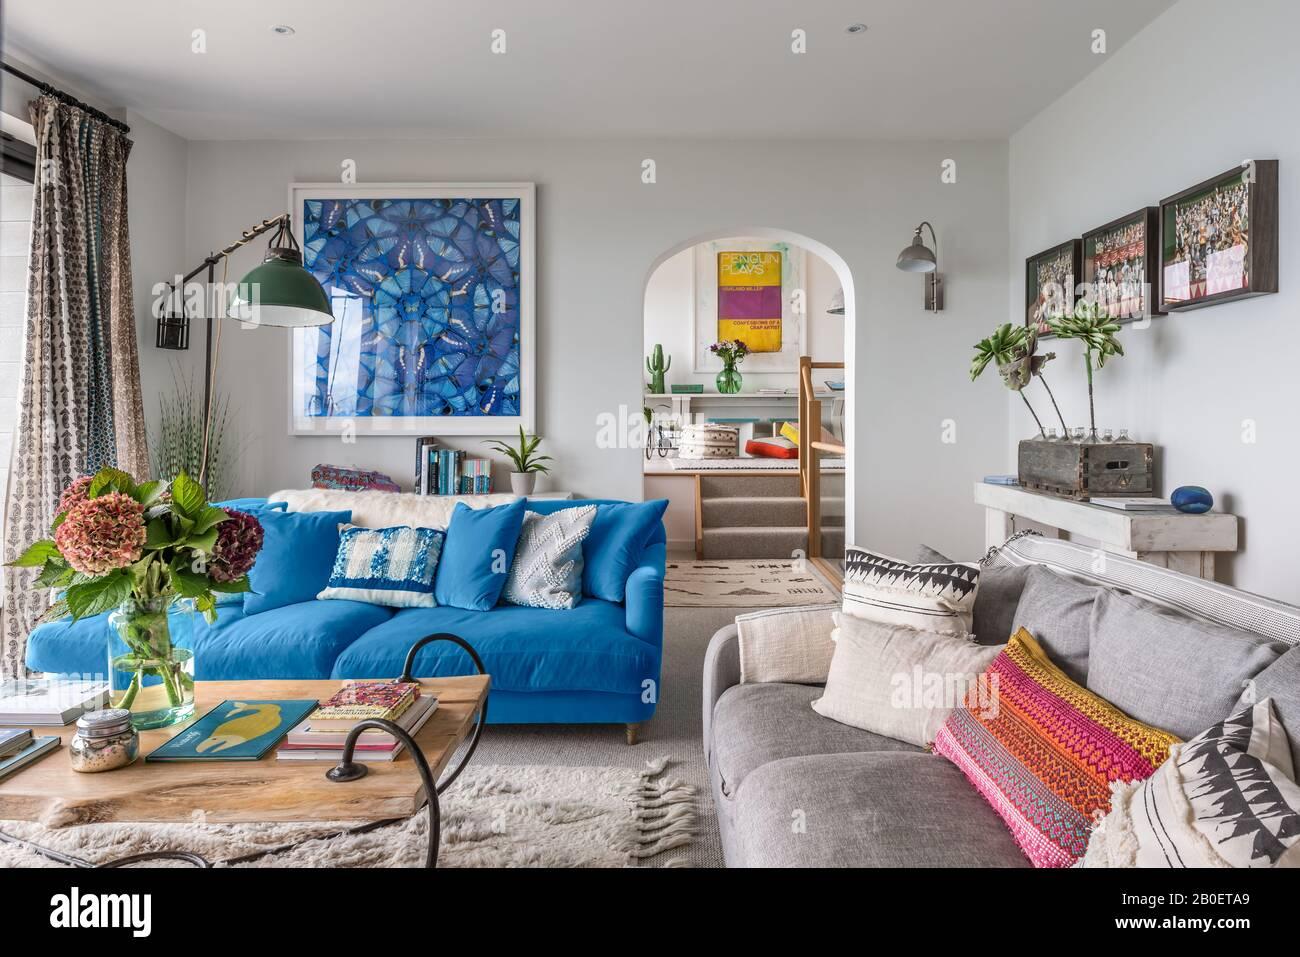 Damien Hirst opere d'arte con pannelli in tessuto indiano e arco che conduce a cucina-sala da pranzo a pianta aperta Foto Stock